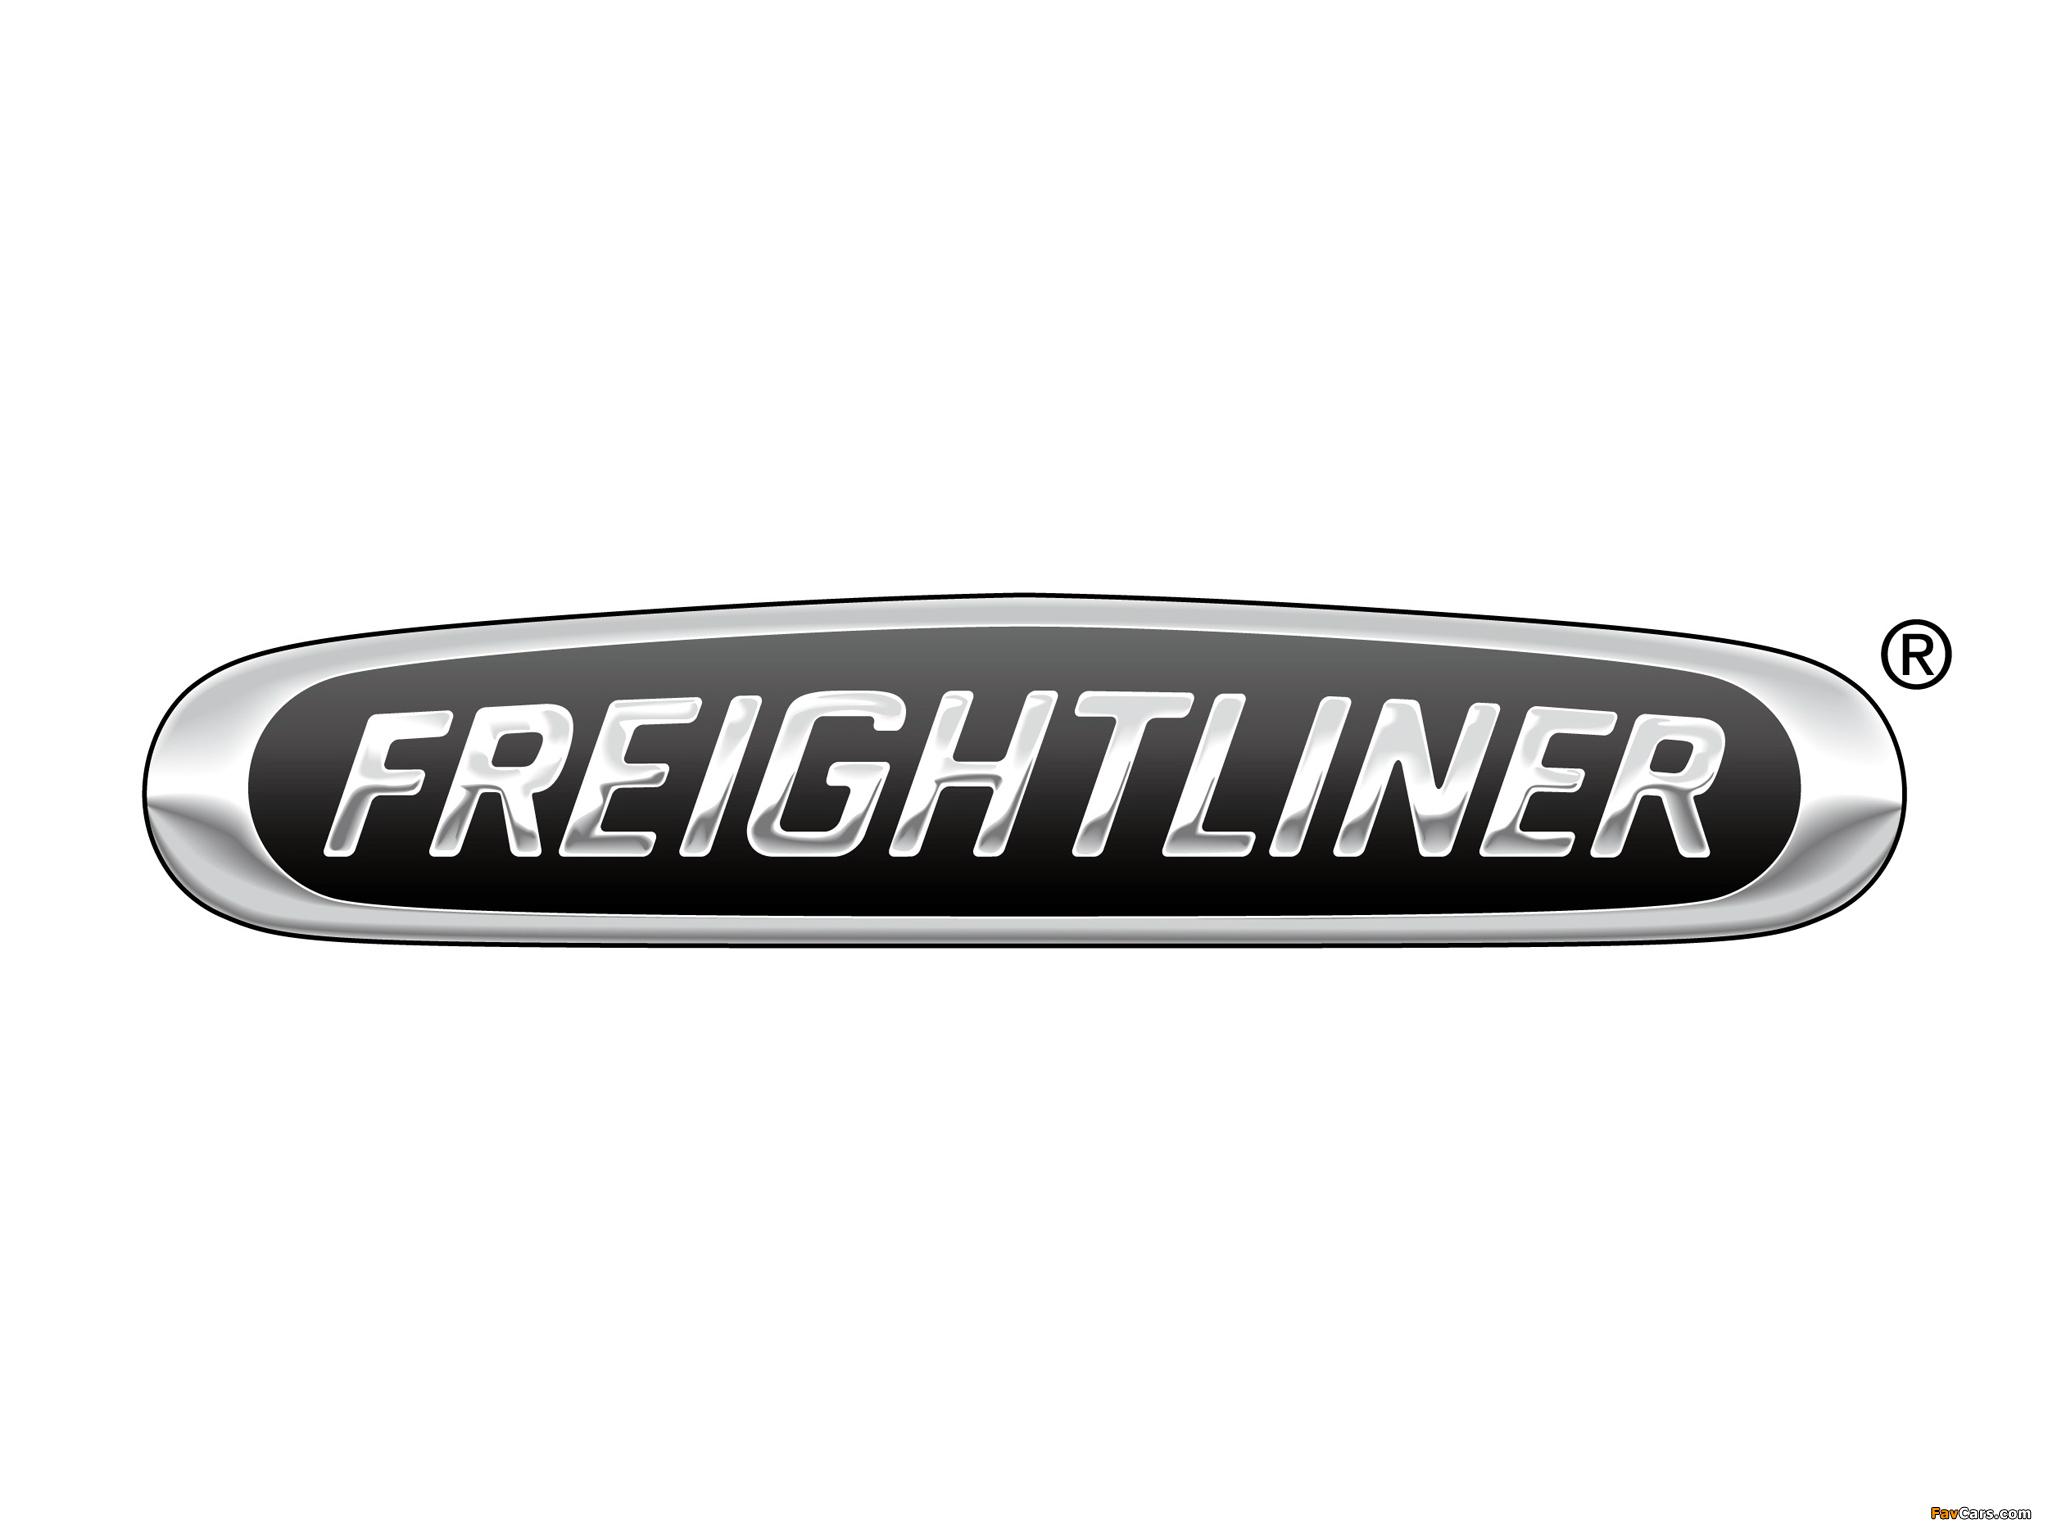 Freightliner photos (2048 x 1536)